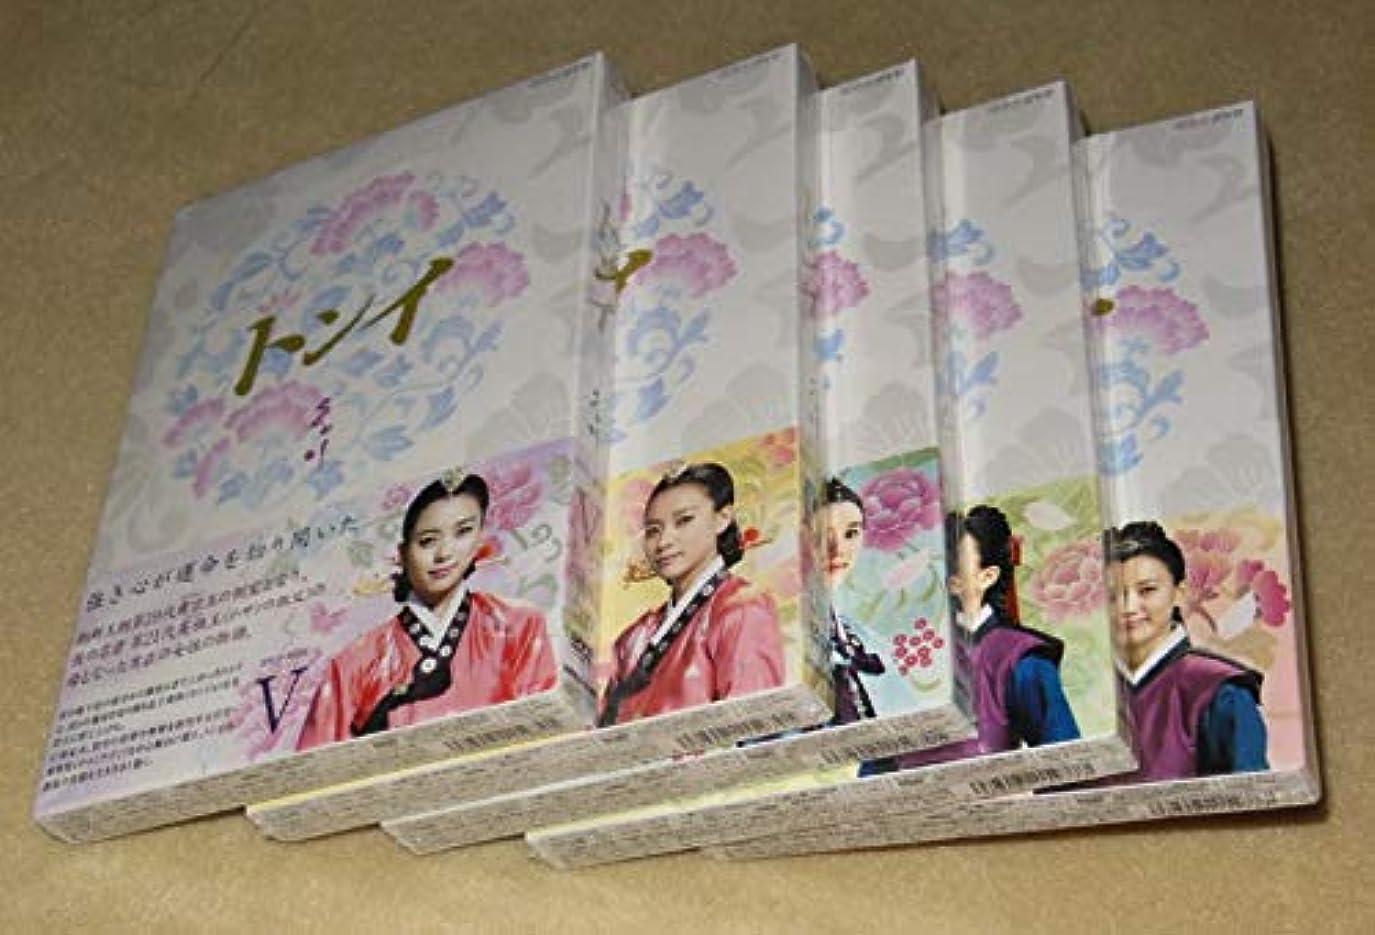 磁器削減勇敢なトンイI-V DVD-BOX1-5 30枚組1-60話全 特典248分 韓国語/日本語 日本語字幕